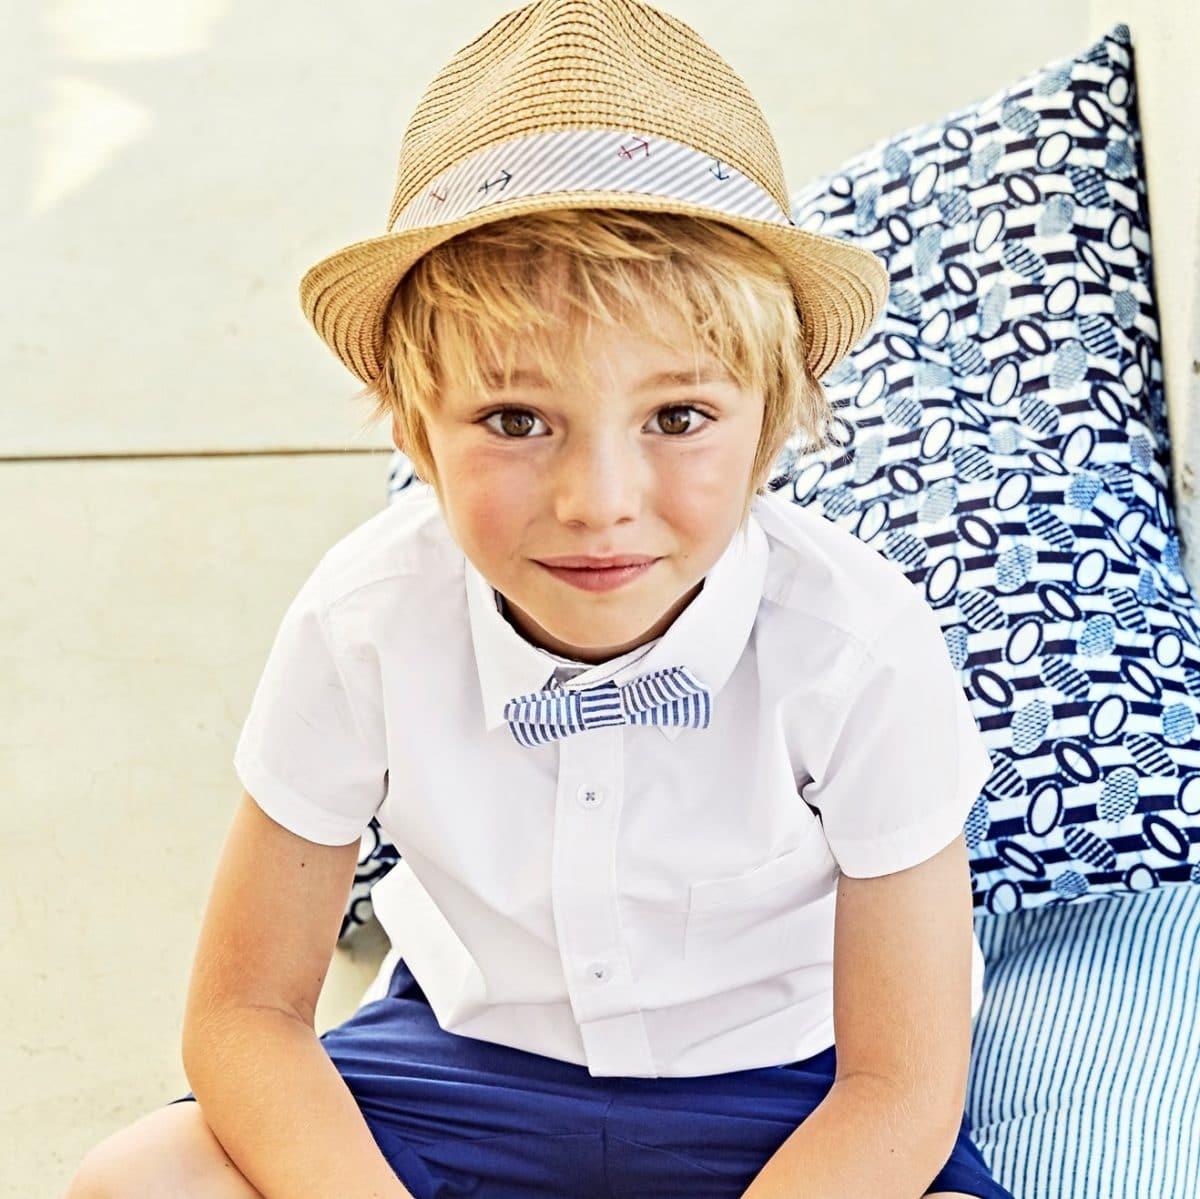 tenue-ceremonie-pour-enfant-chemise-unie-garcon-manches-courtes